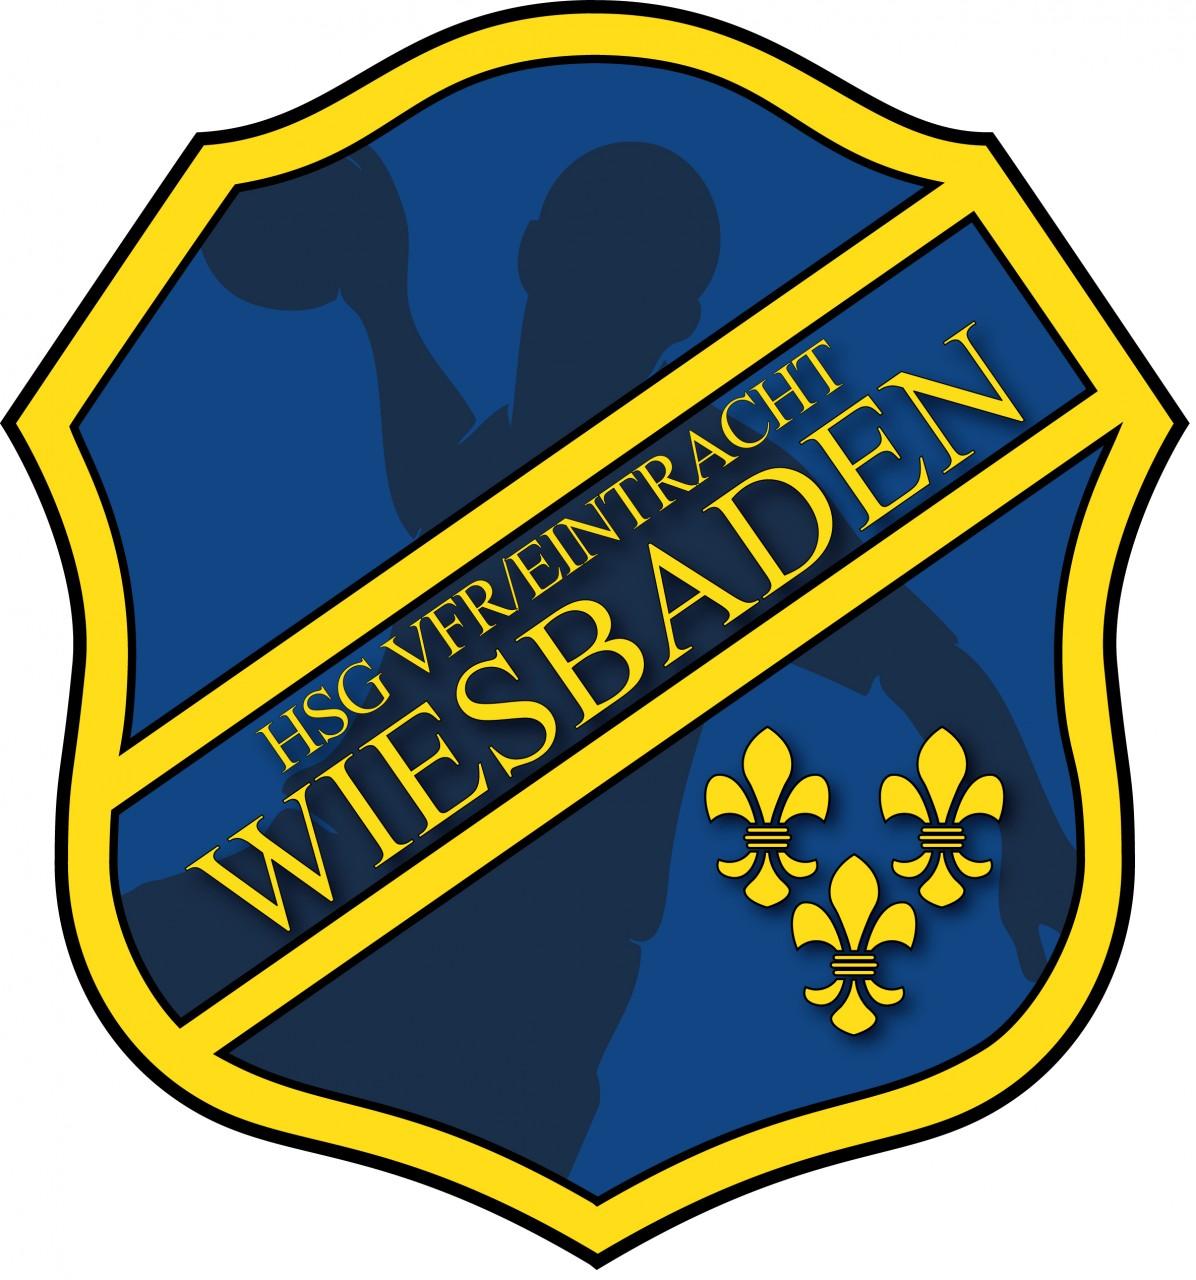 HSG Wiesbaden